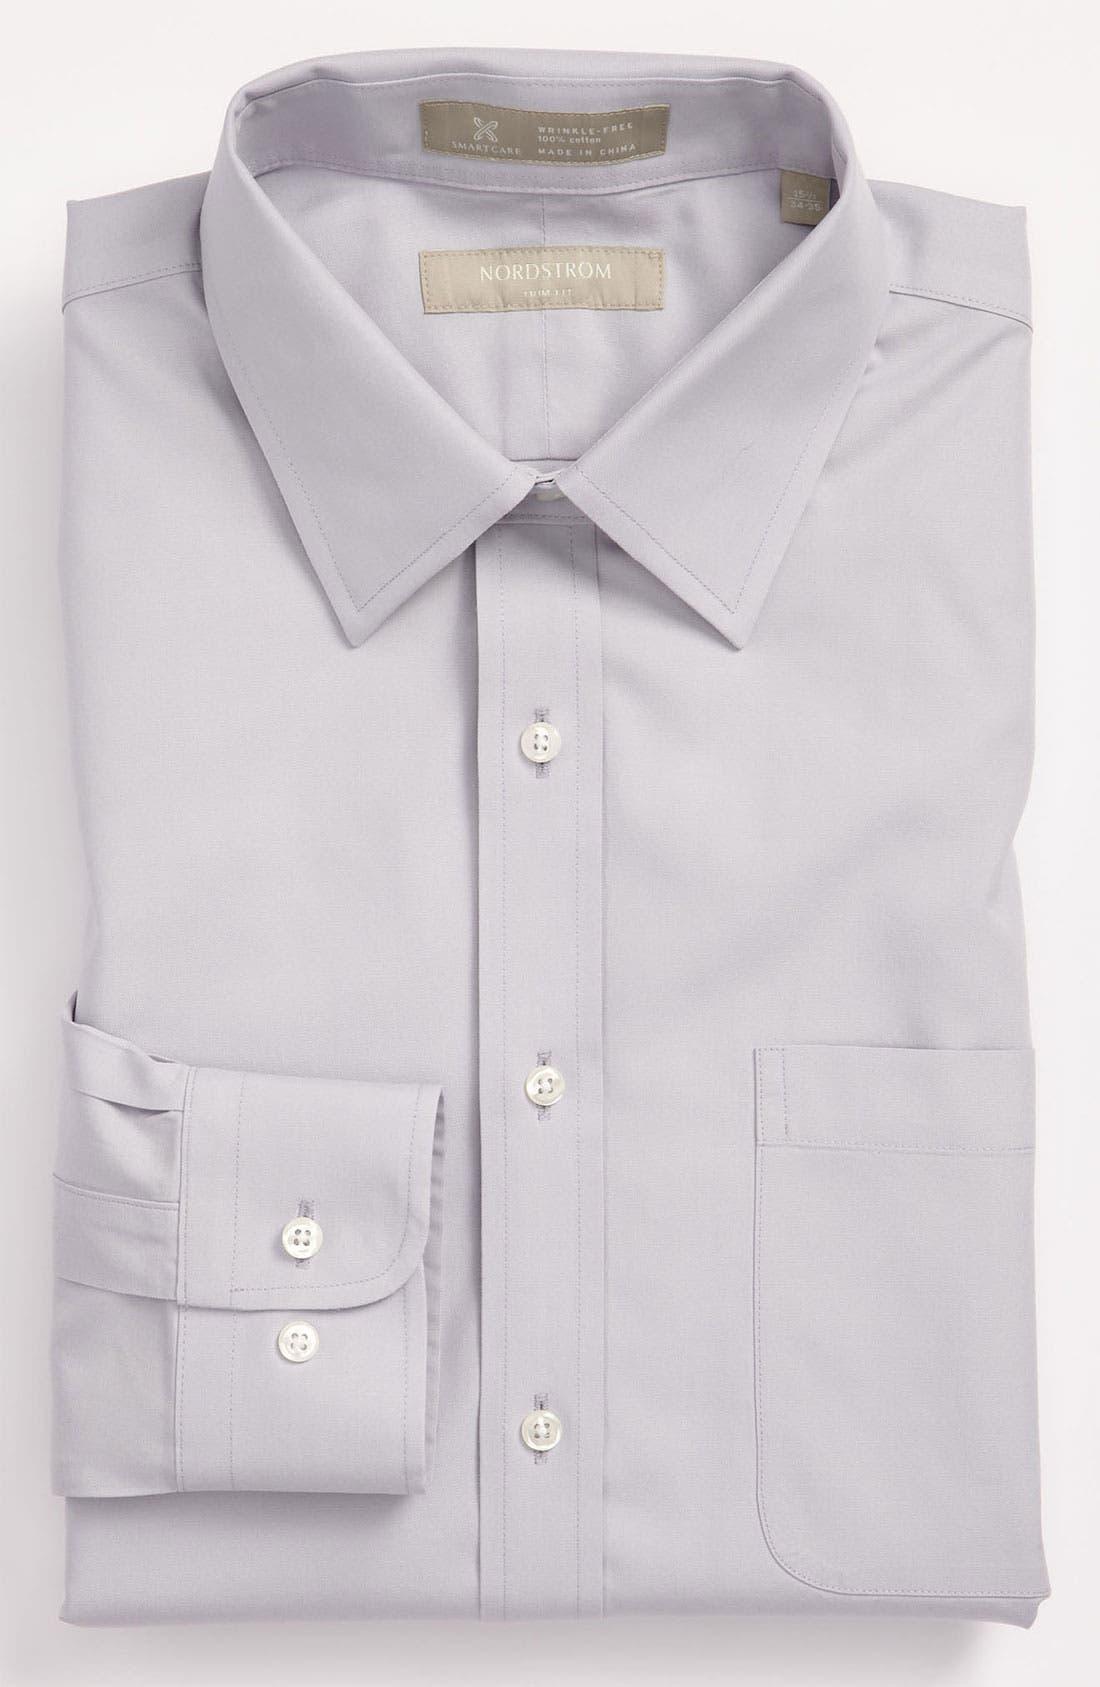 Alternate Image 1 Selected - Nordstrom Men's Shop Smartcare™ Trim Fit Solid Dress Shirt